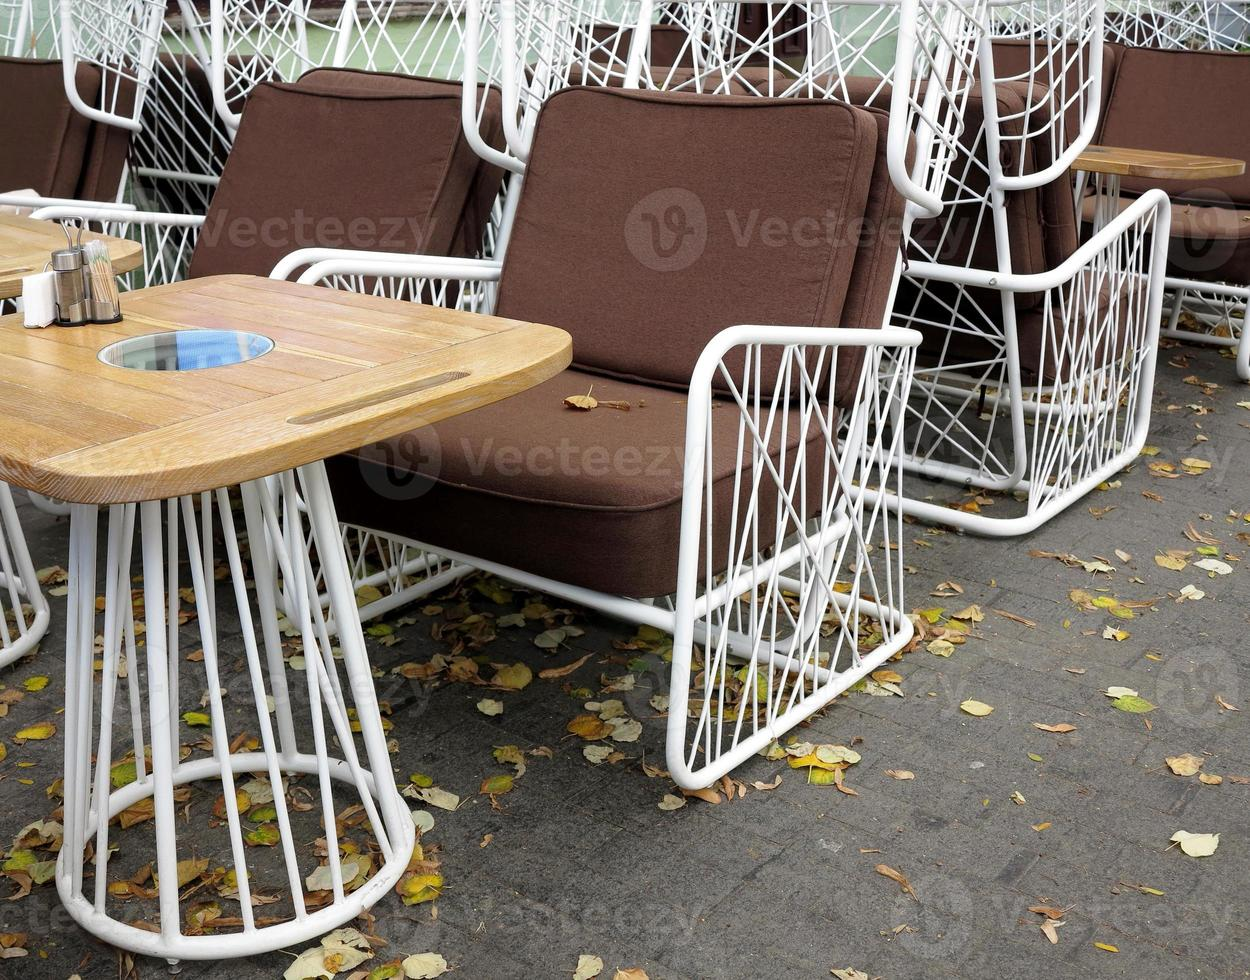 terrasse de café d'automne vide avec tables et chaises. photo